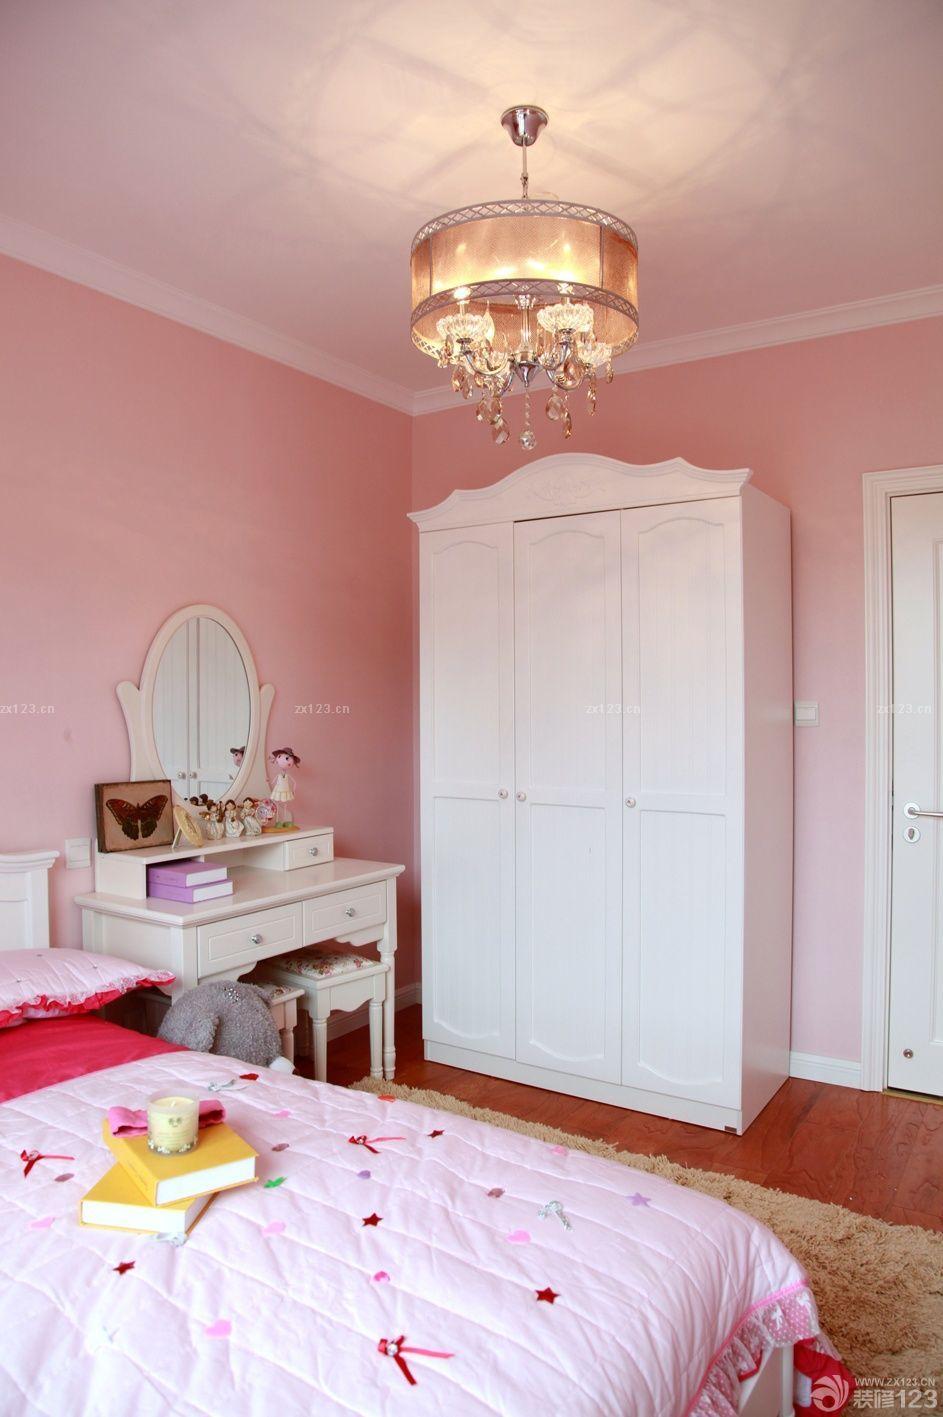 90平米房子卧室仿古地砖装饰图片